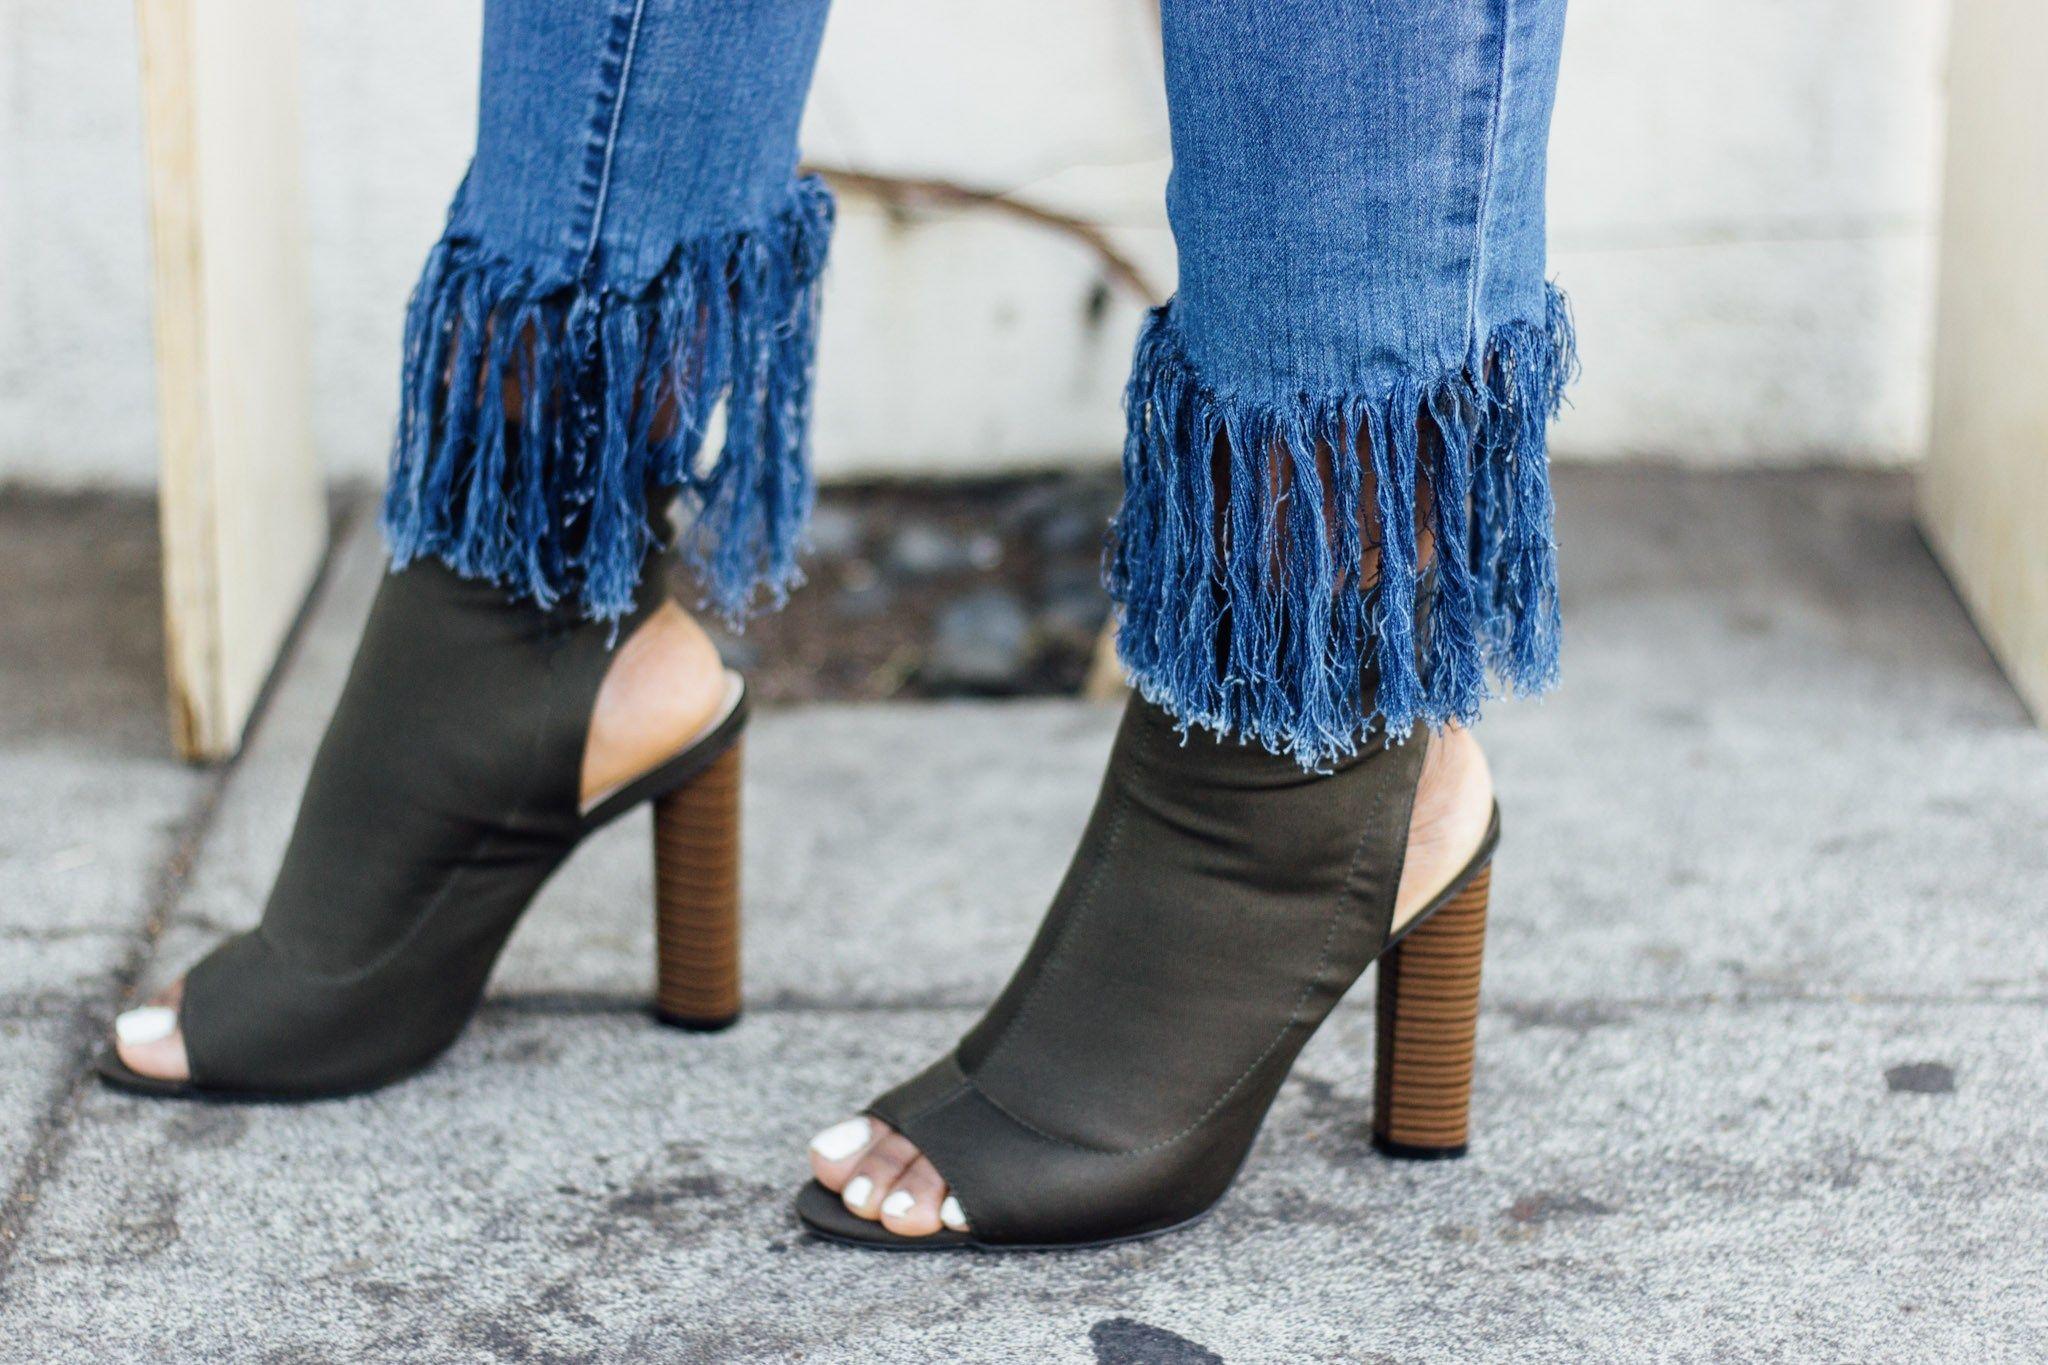 496f3d71a0 diy fringe denim jeans | Fashion in 2019 | Denim jeans, Jeans ...